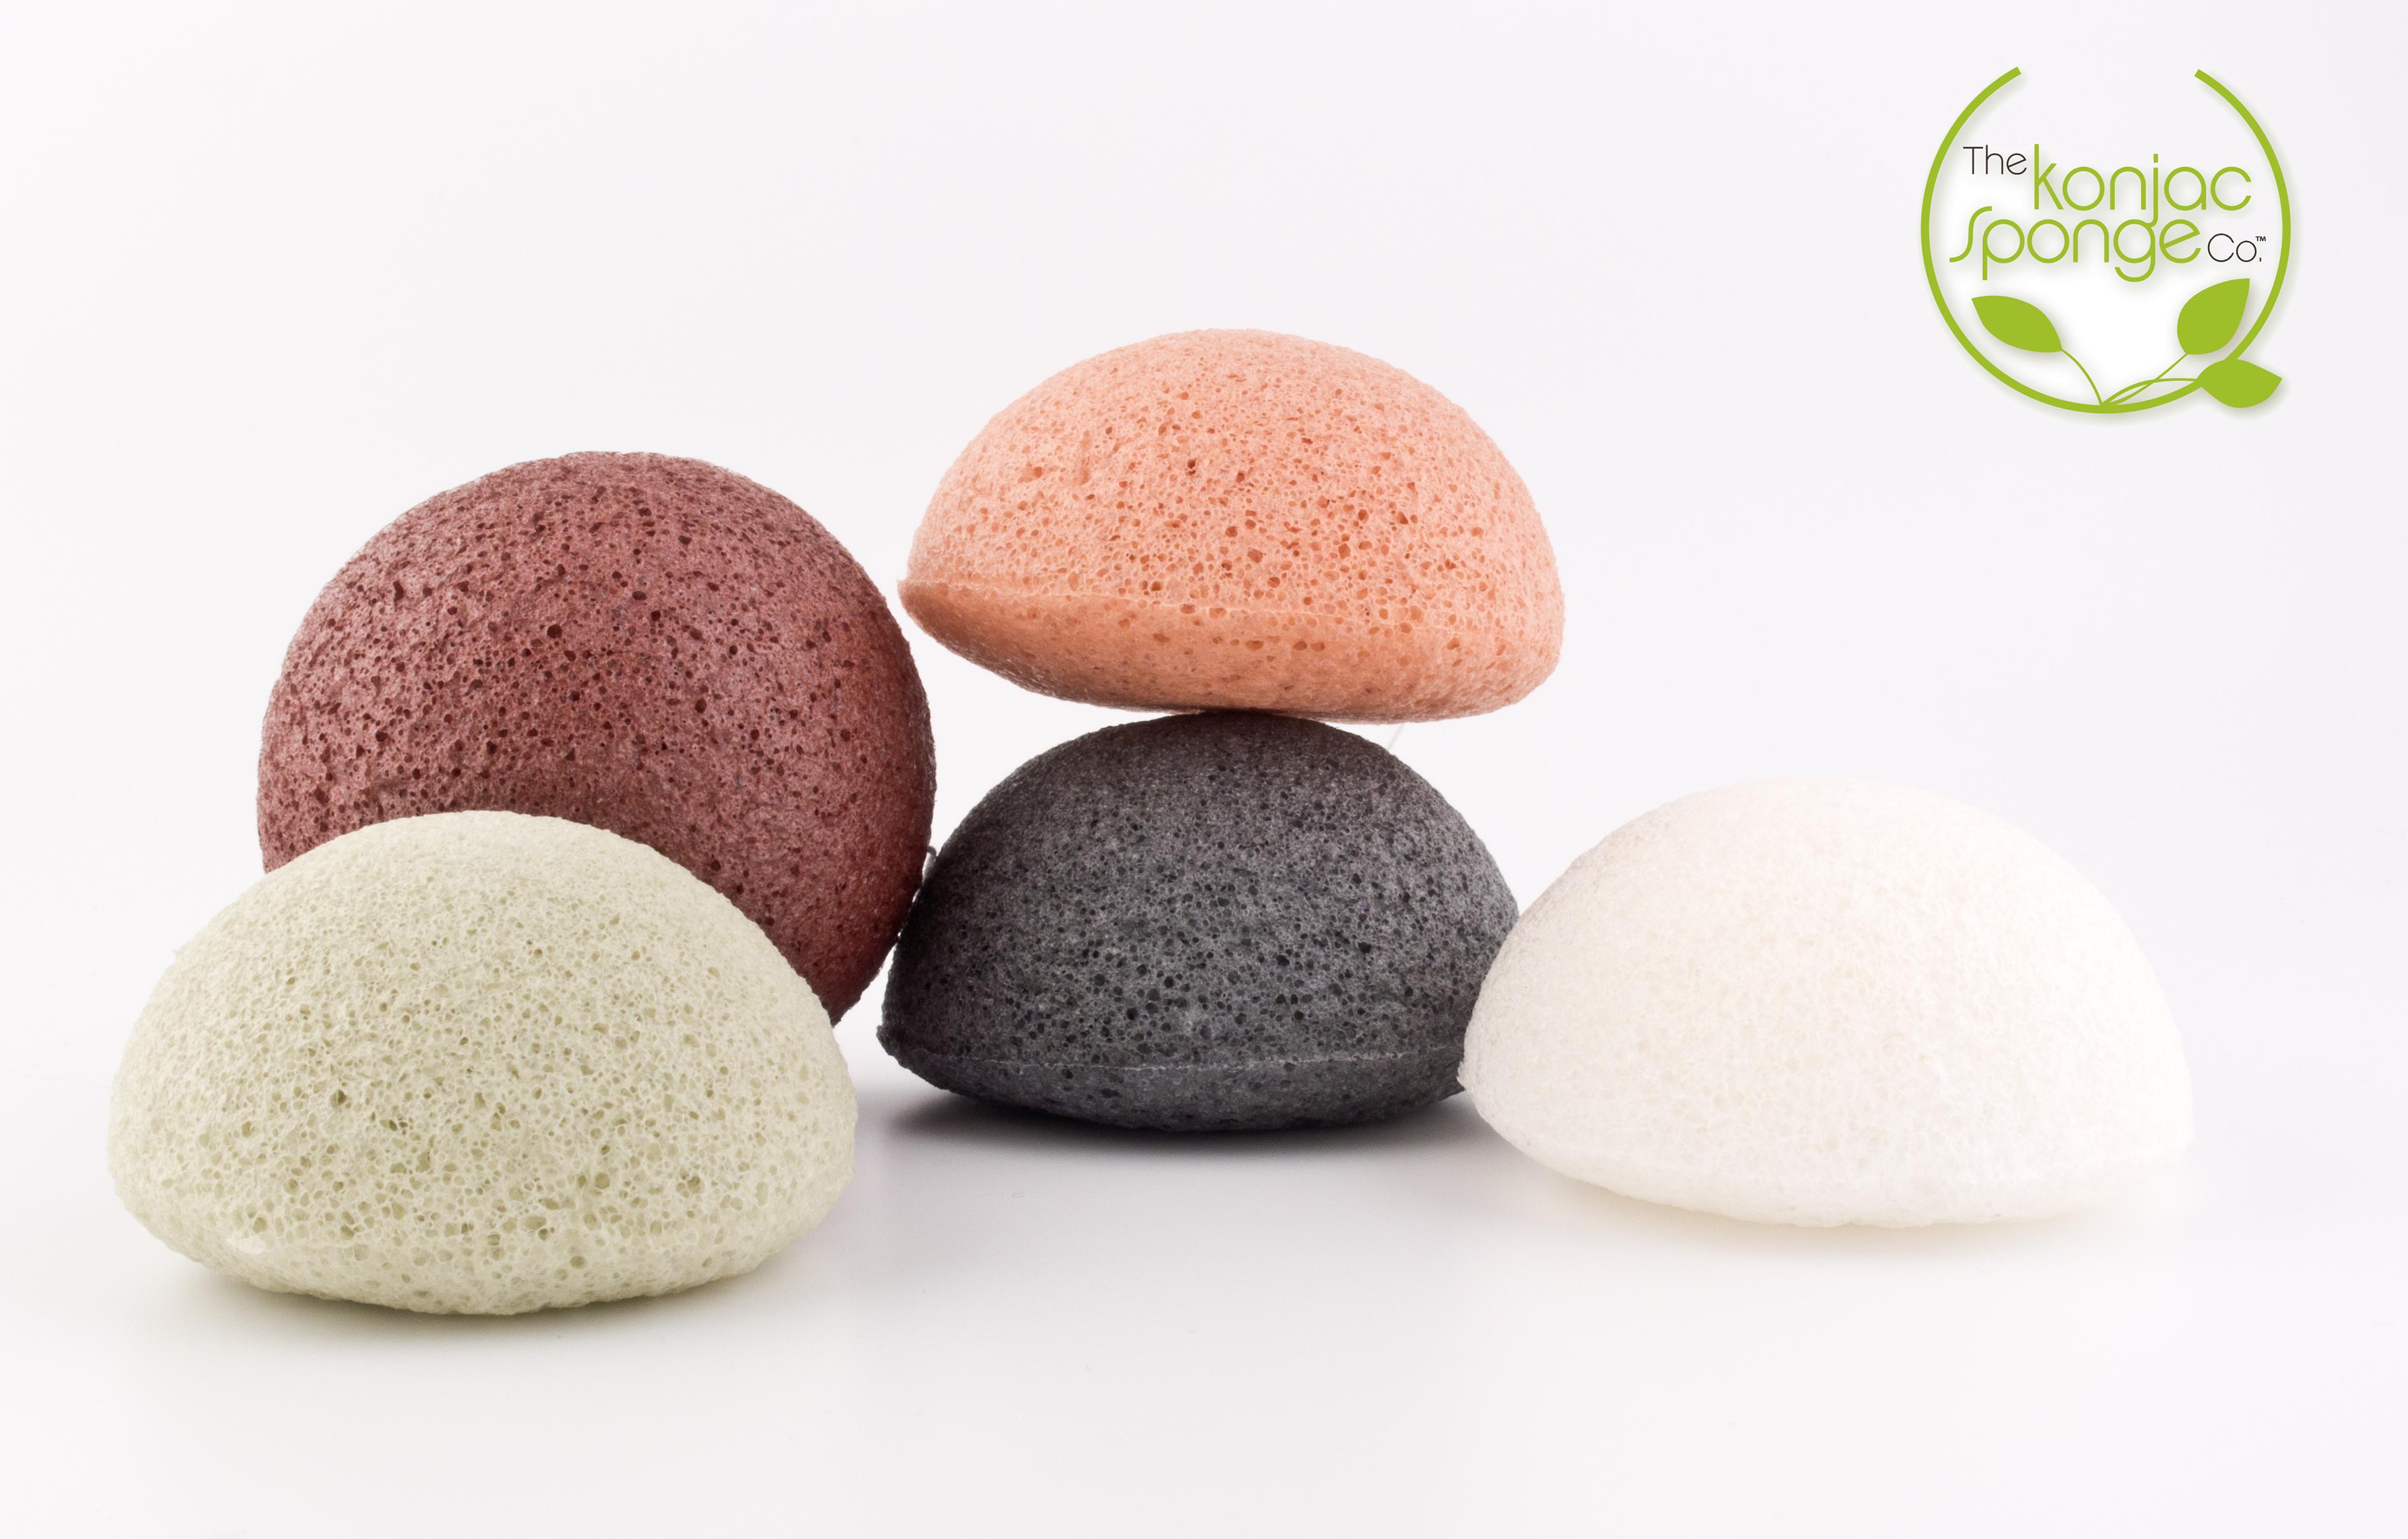 Esponja de lavar a cara – Esponjas Konjac